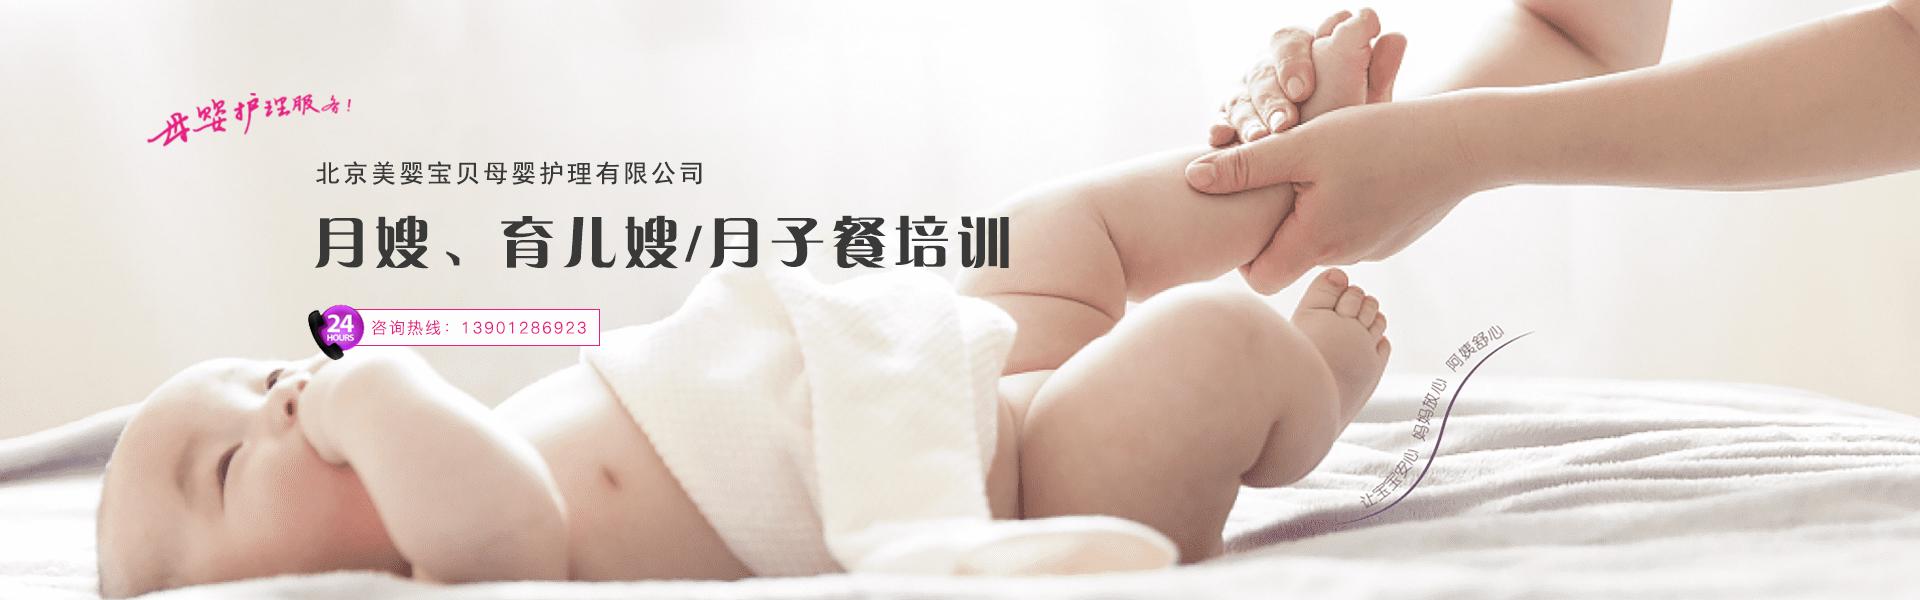 新生儿能不能晒太阳?如何正确晒太阳?